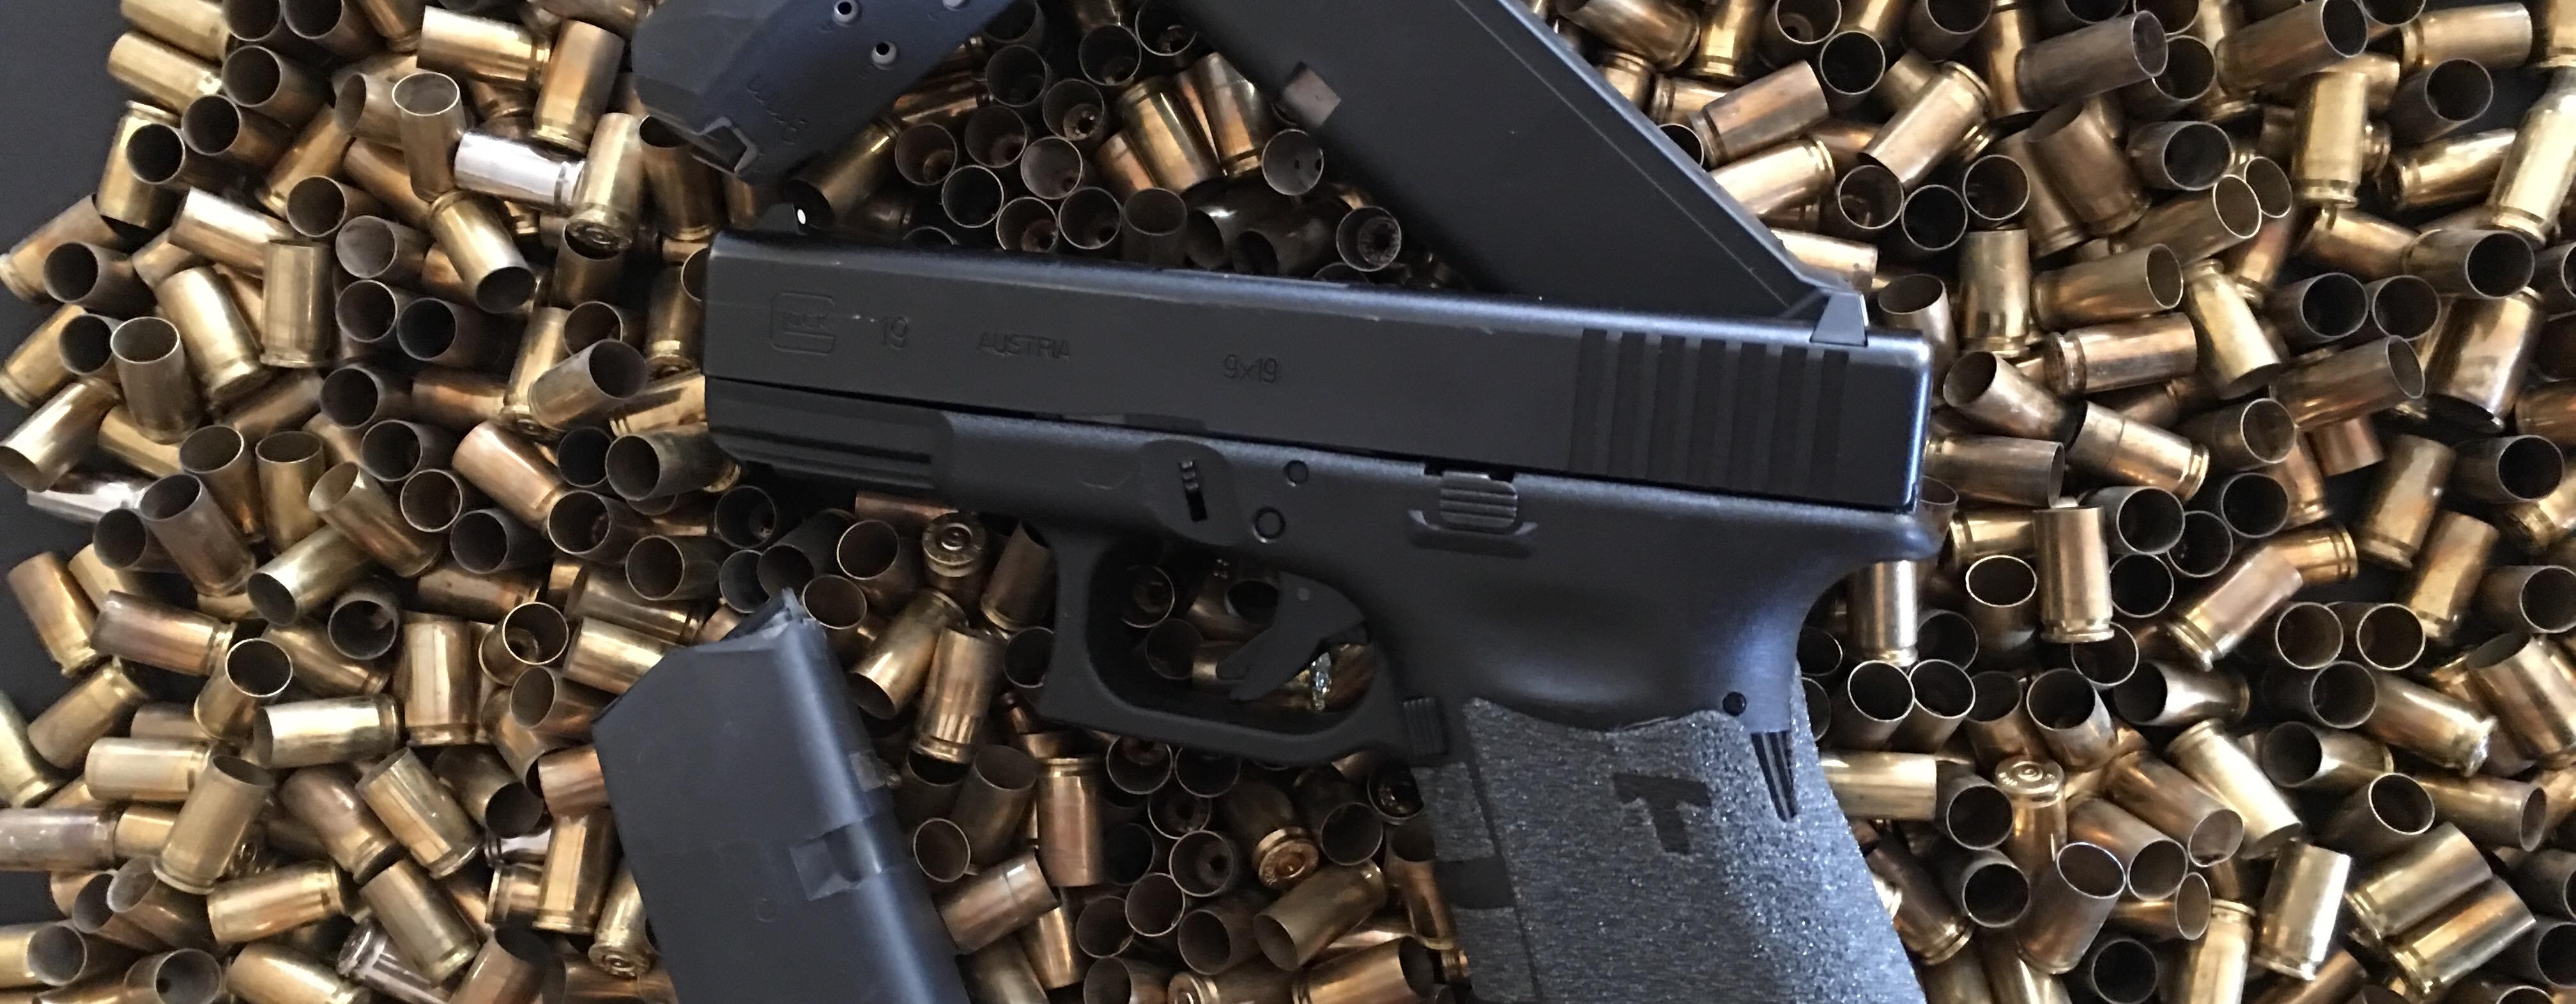 Choosing a Firearm